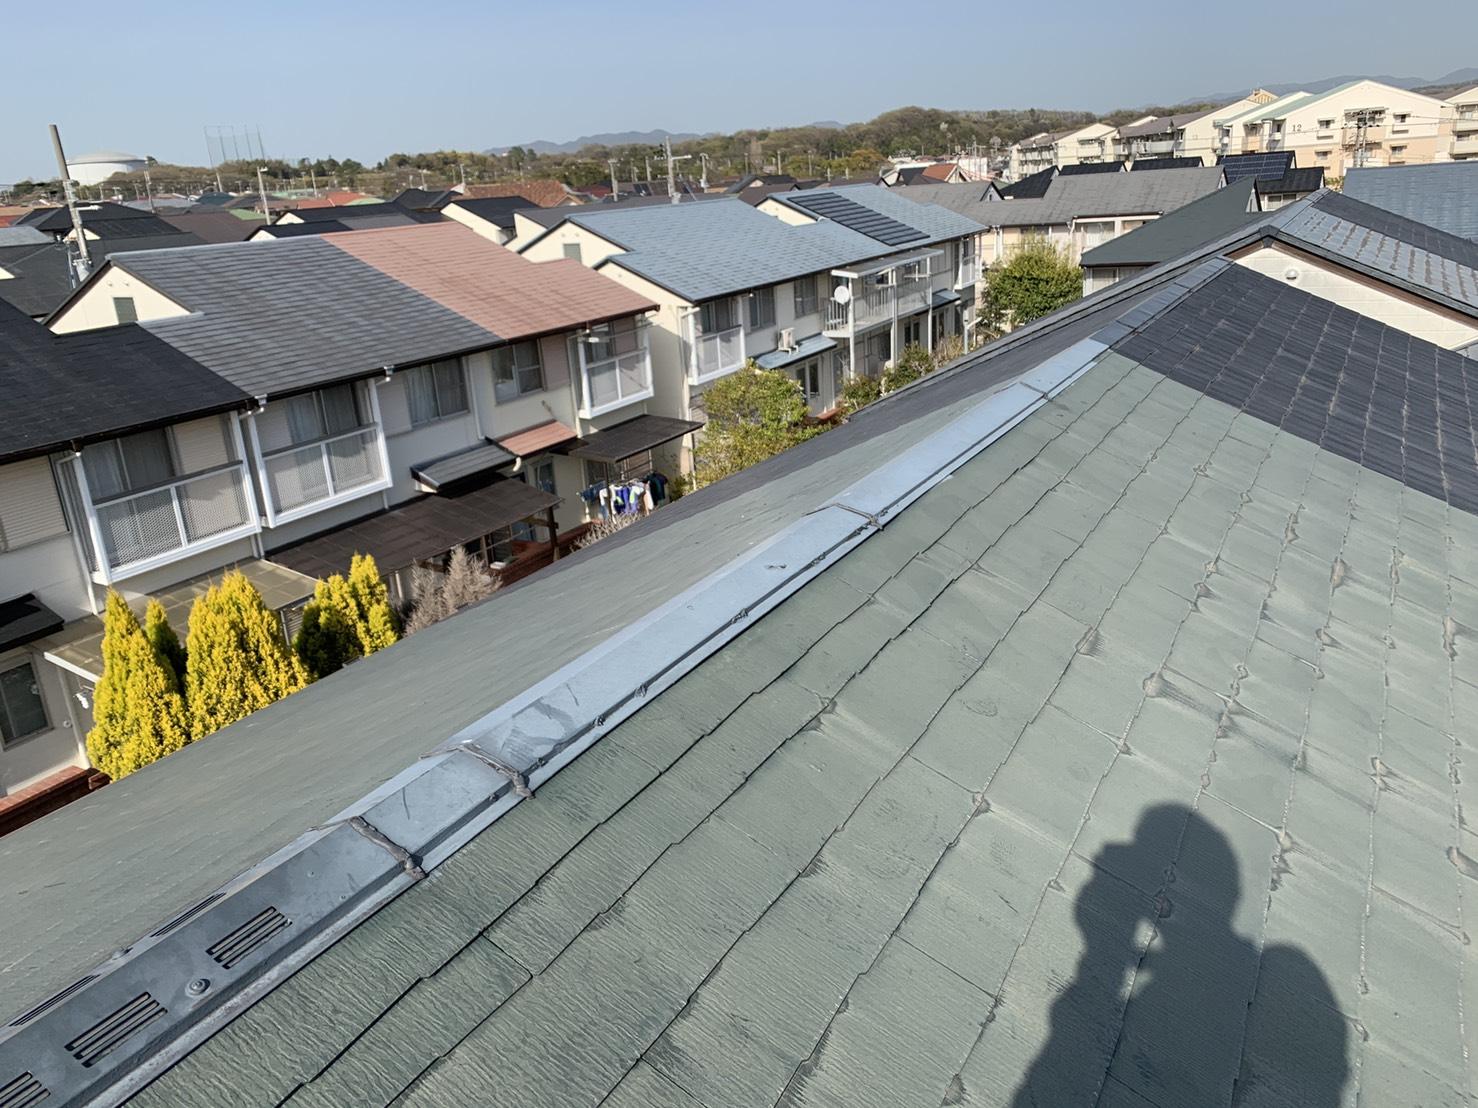 雨漏りの原因となった連棟屋根のスレート